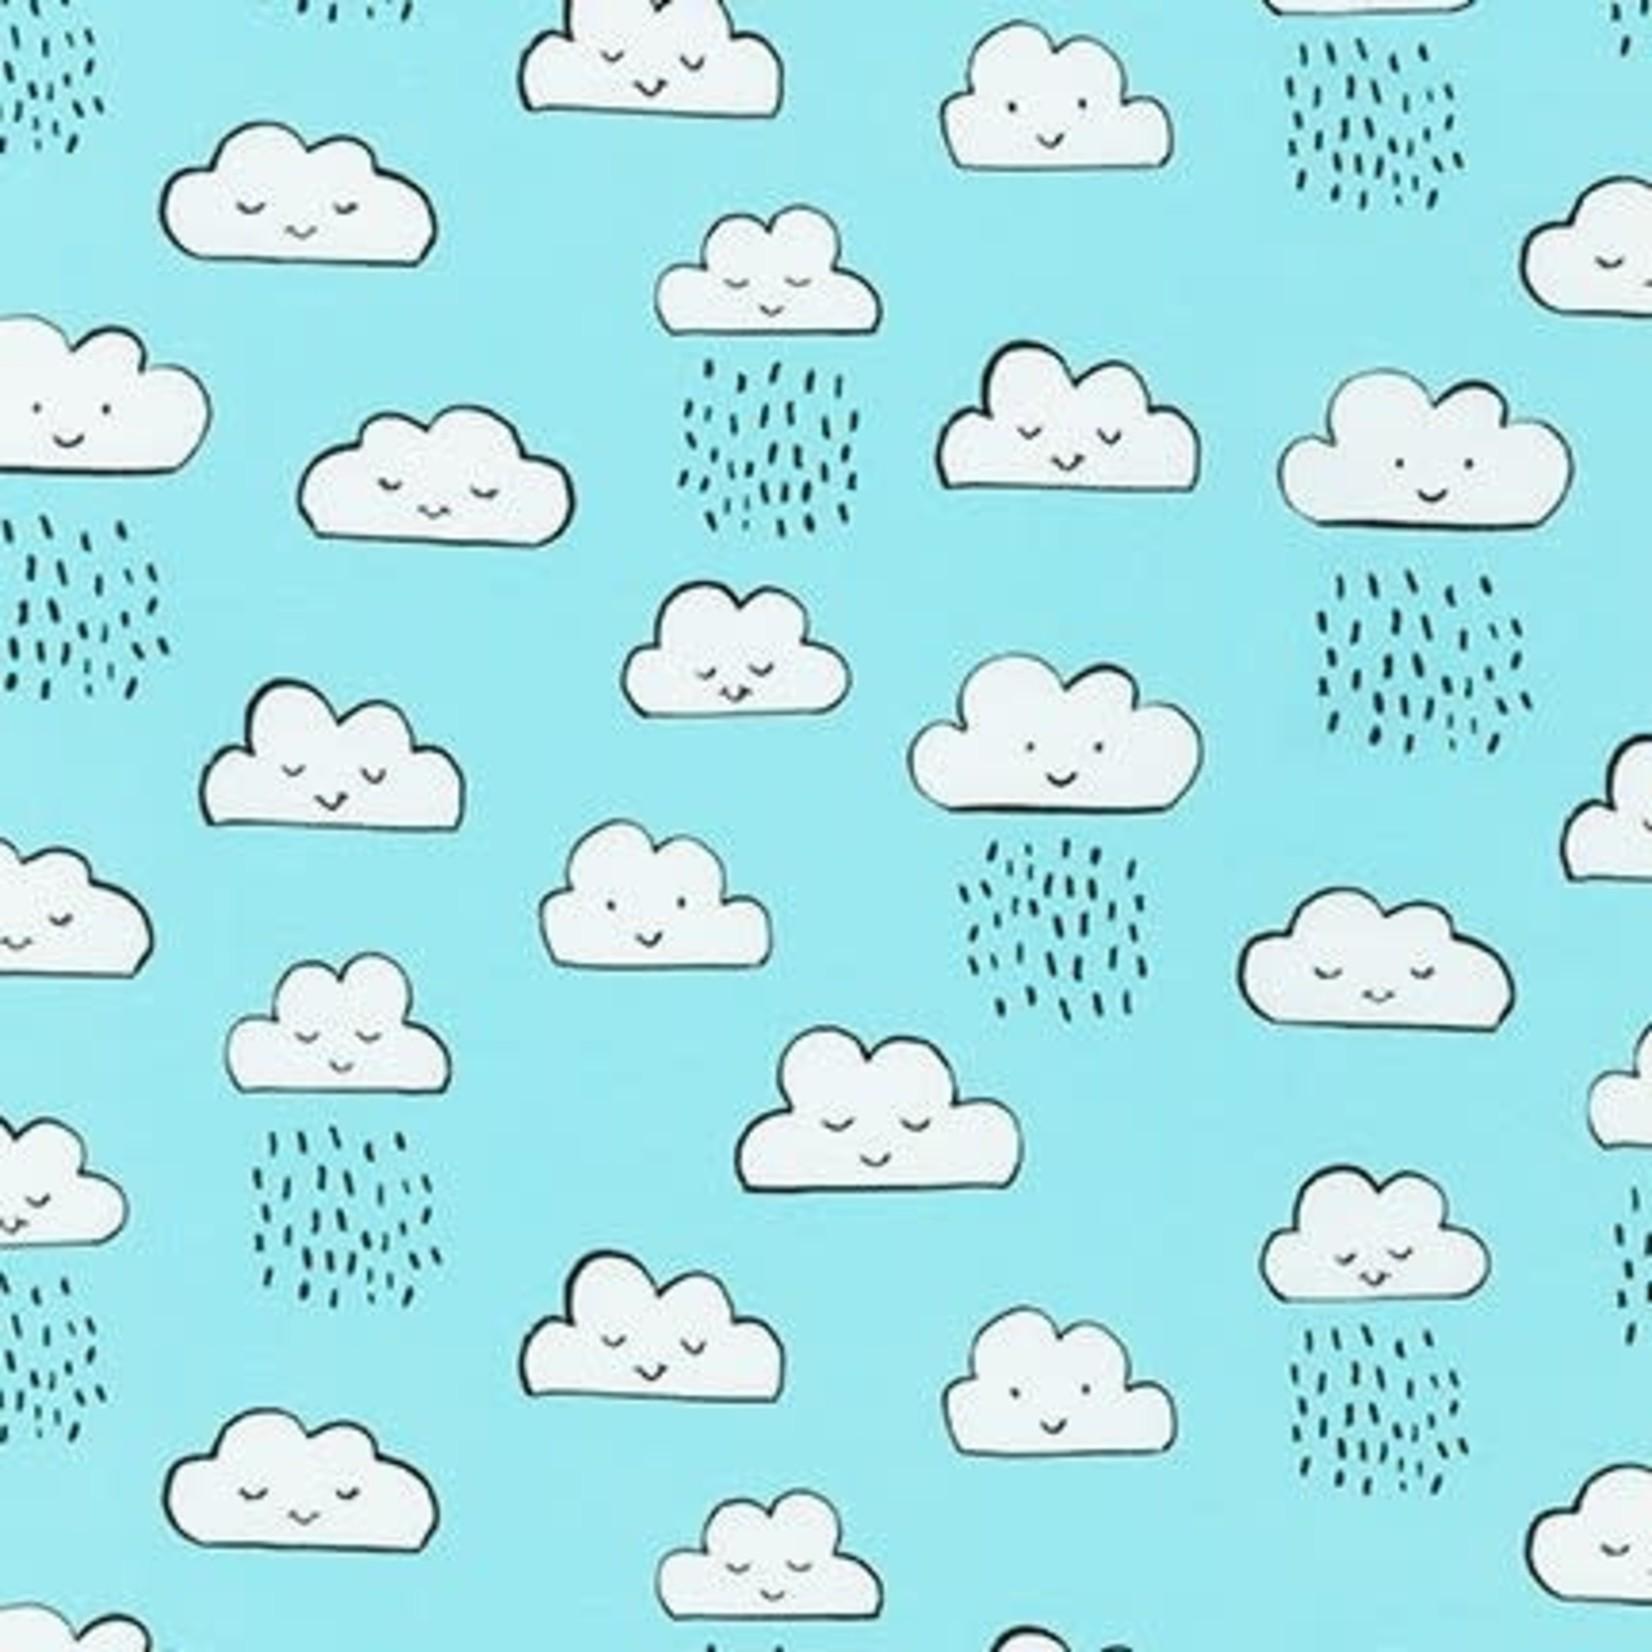 Robert Kaufman NEIGHBOURHOOD PALS, Clouds on Sky Blue, Per Cm or $19/m